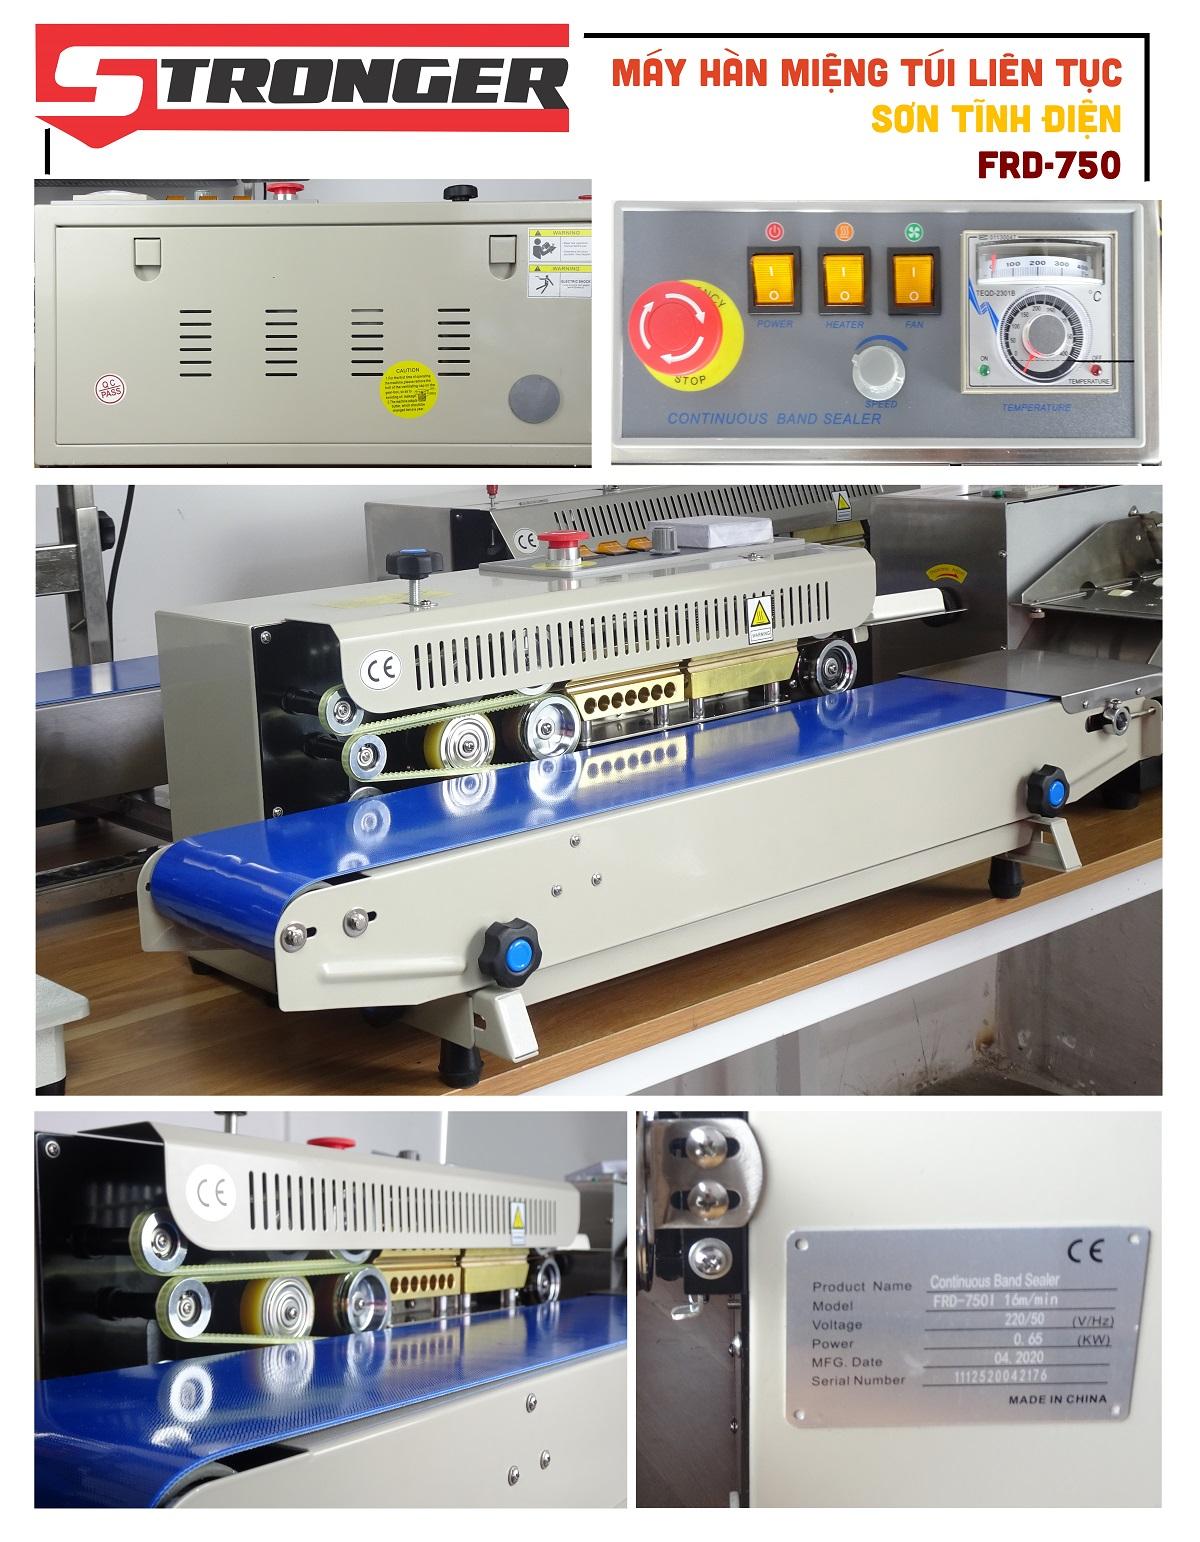 Chi tiết máy hàn miệng túi liên tục Stronger FRD-750-VSvỏ sơn tĩnh điện